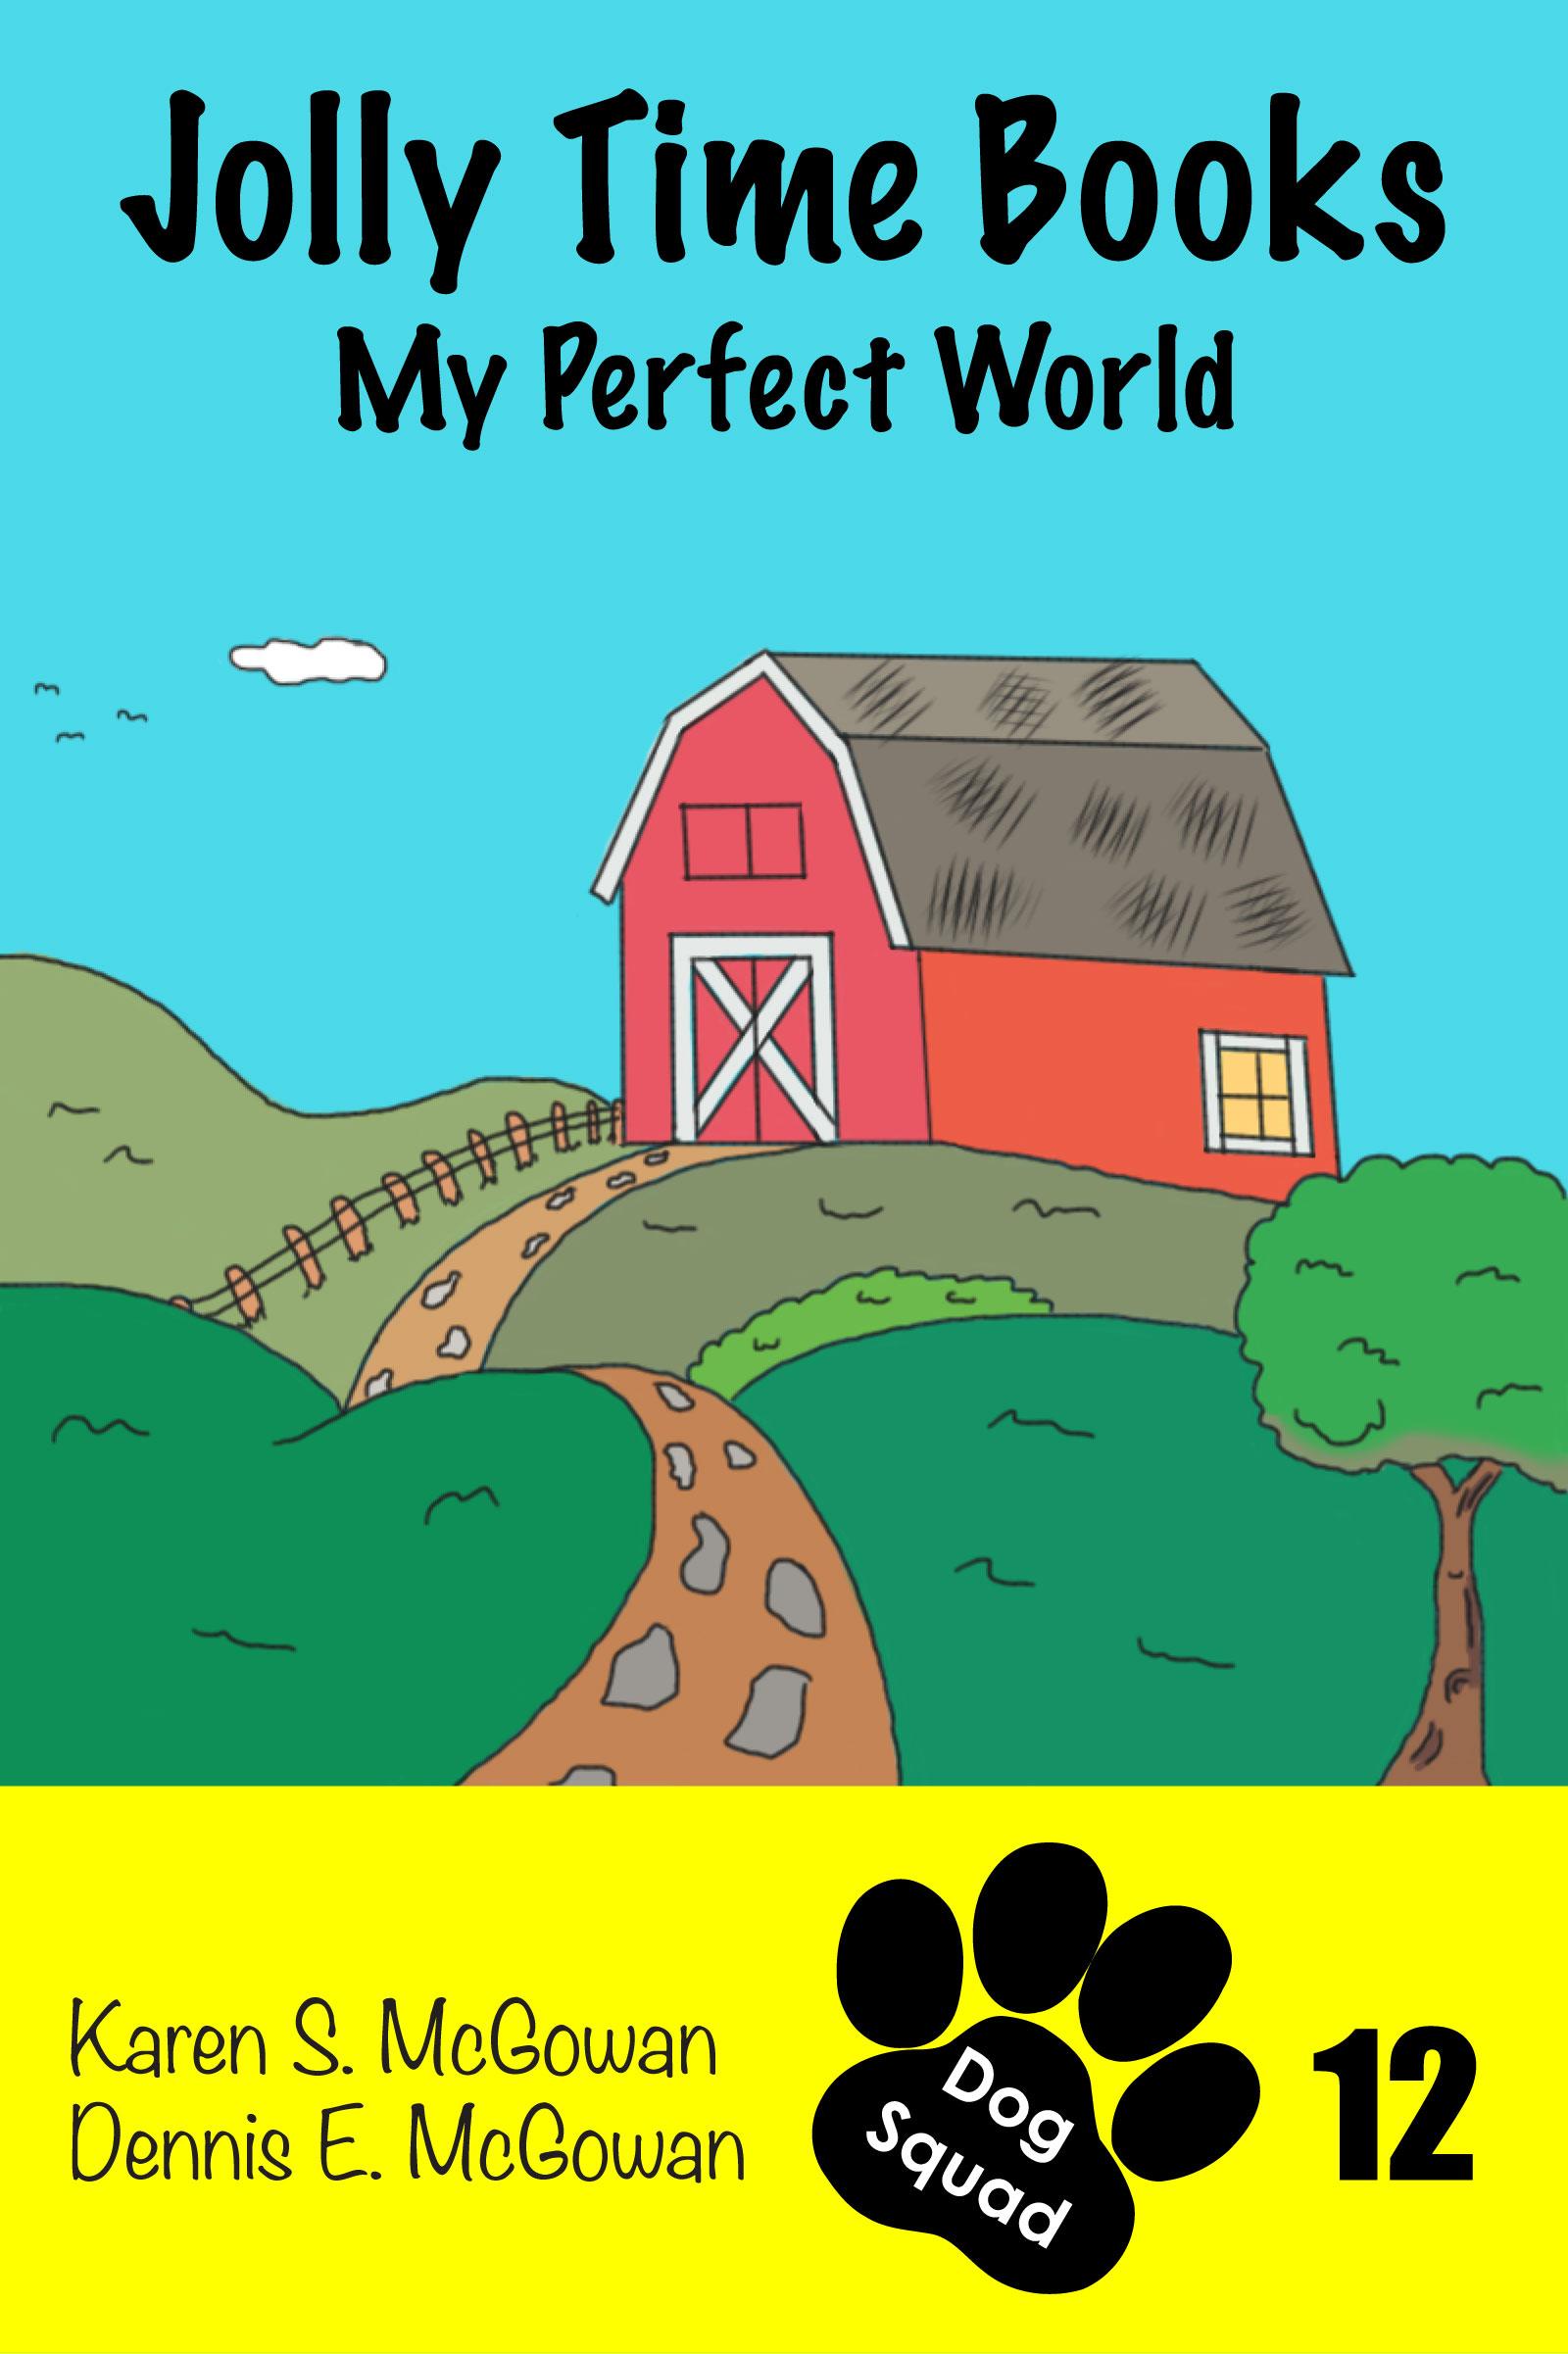 Jolly Time Books: My Perfect World, an Ebook by Karen S  McGowan & Dennis  E  McGowan